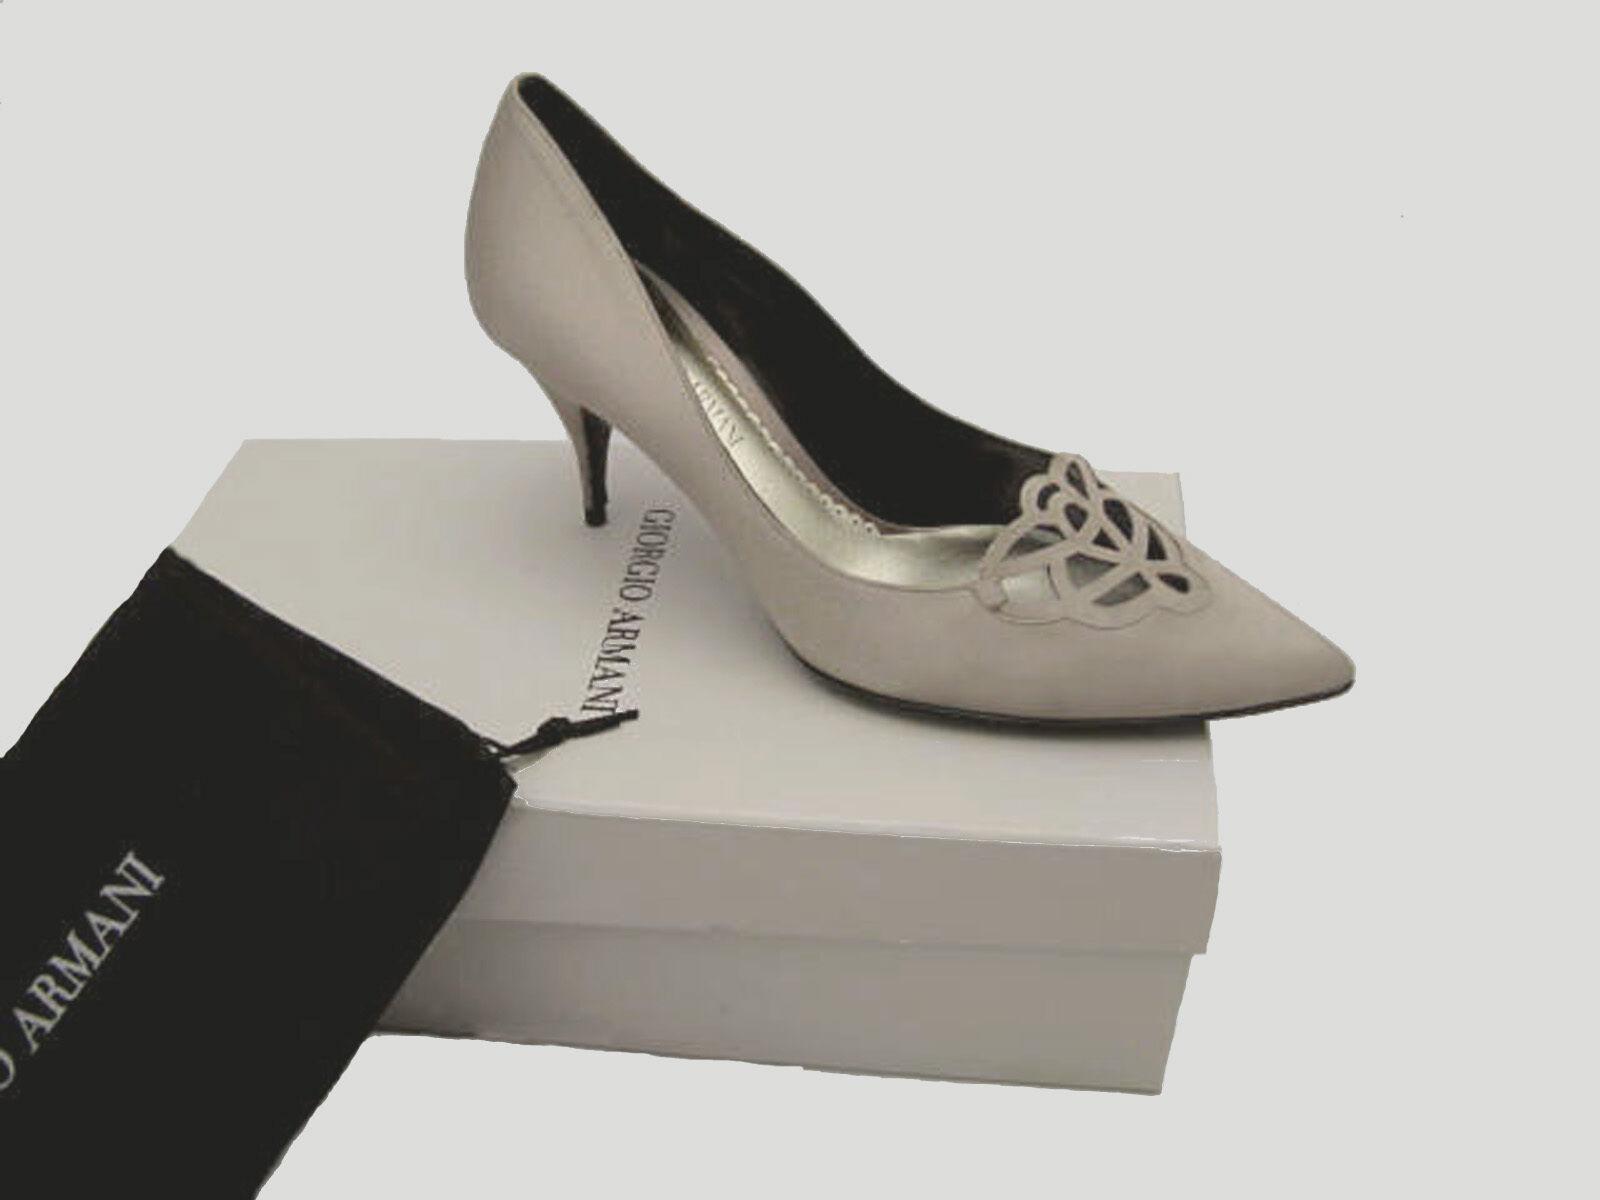 Nuevo  675 Giorgio Giorgio Giorgio Armani Sexy Zapatos Tacones () (bombas)  EE. UU. 8.5 euro 38.5  están haciendo actividades de descuento